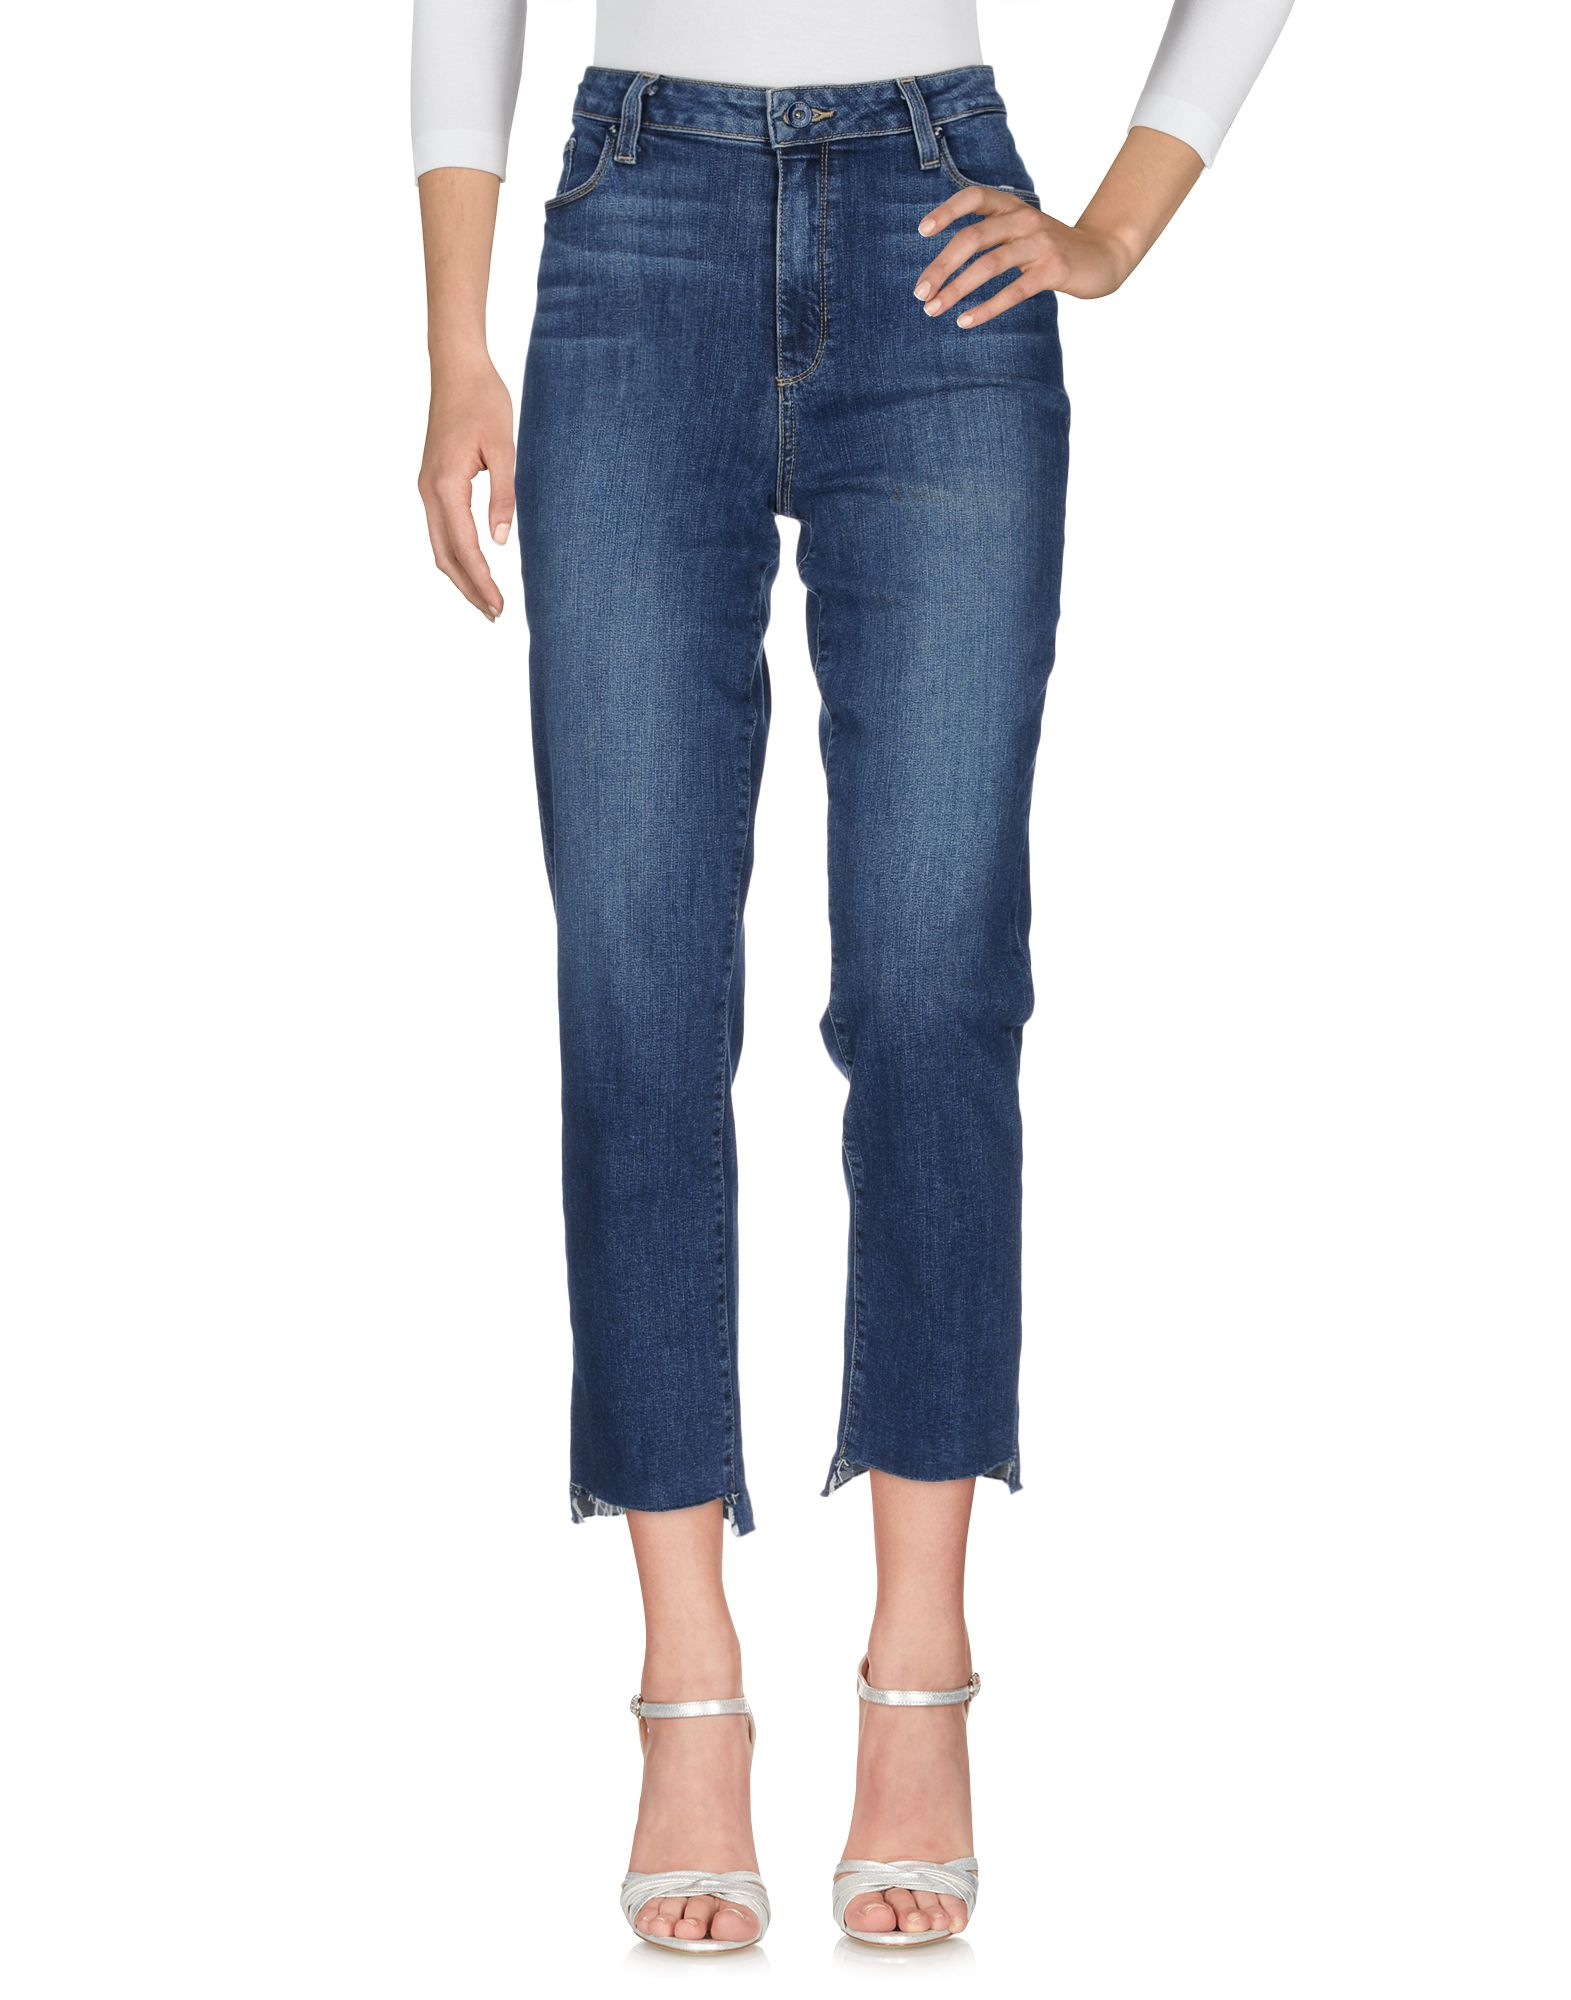 Pantaloni Jeans Paige Donna - Acquista online su